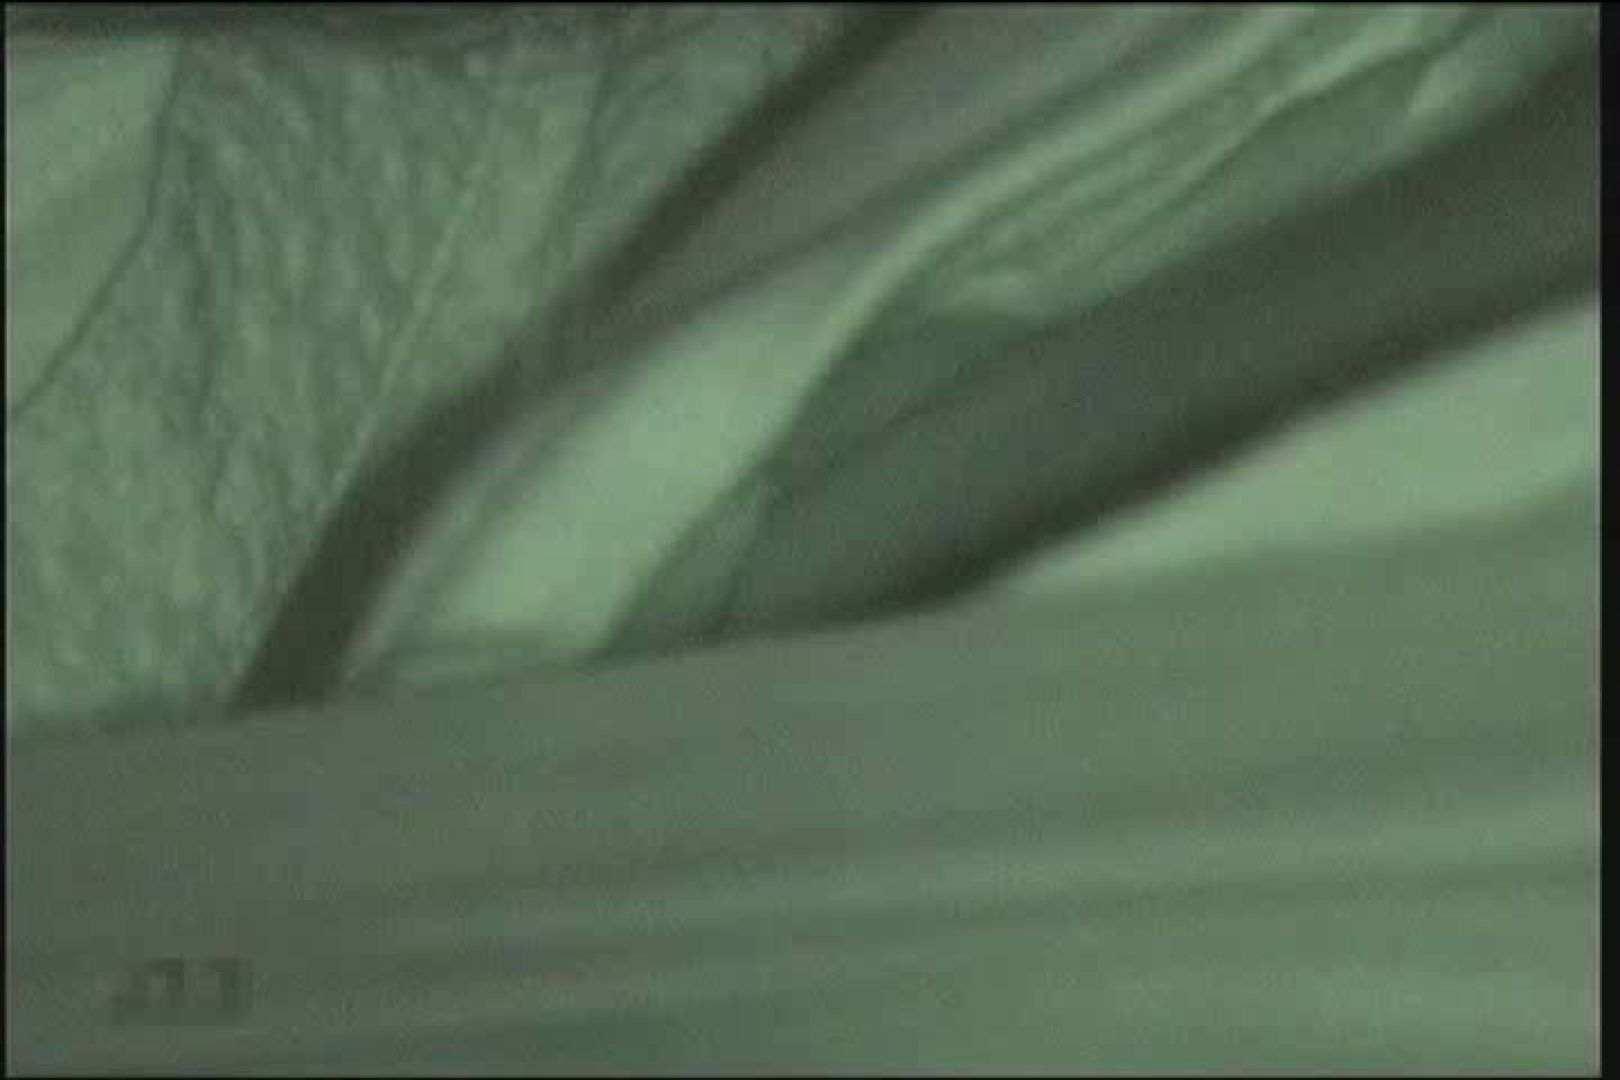 必撮!! チクビっくりVol.8 乳首 覗きオメコ動画キャプチャ 102pic 102